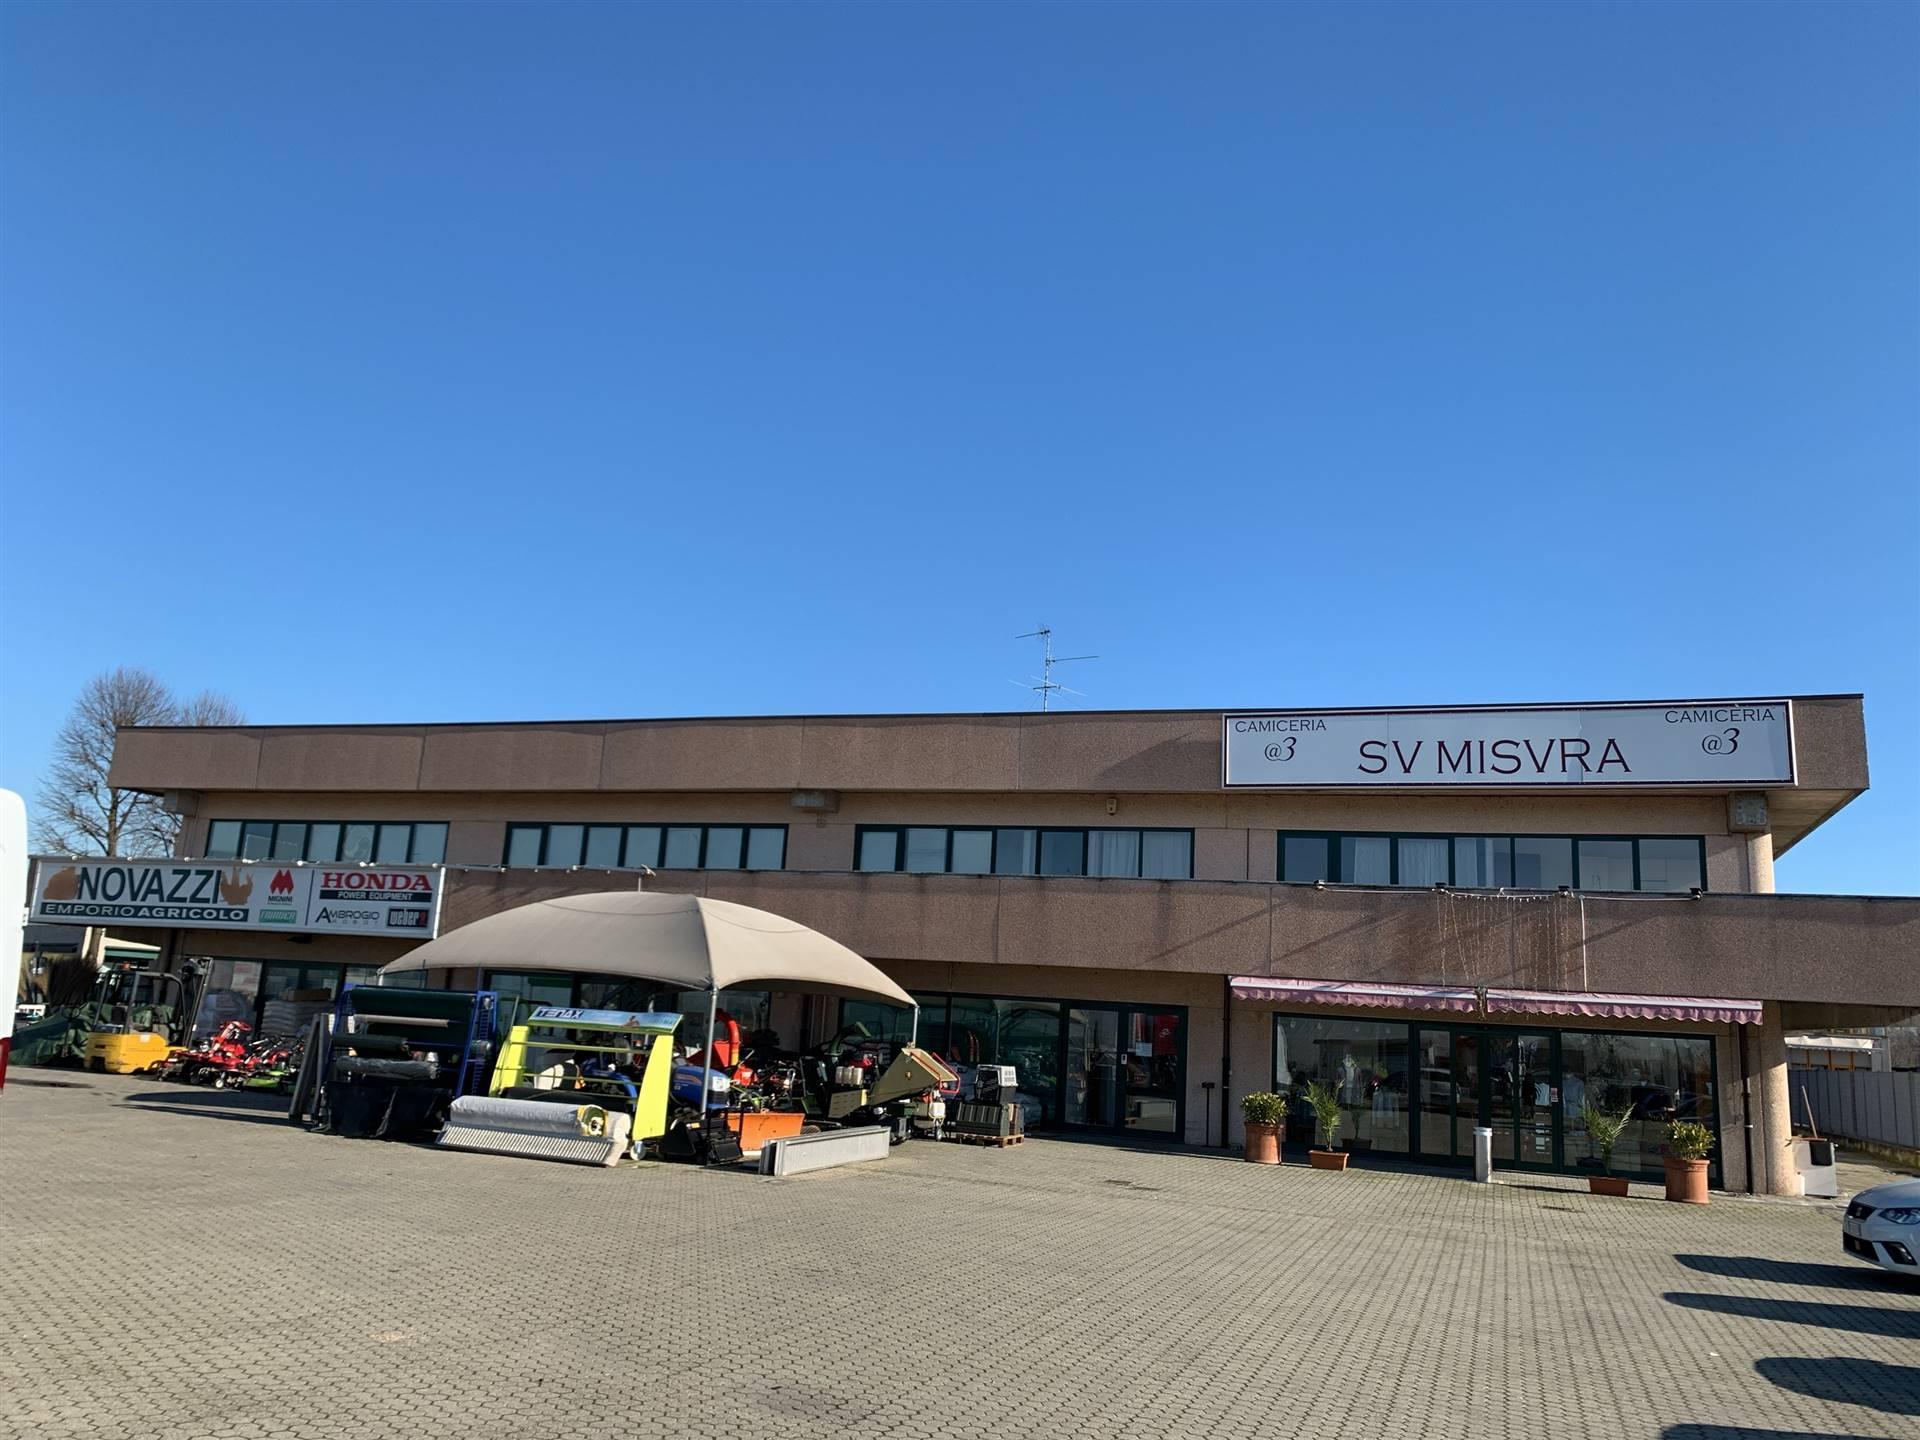 Ufficio / Studio in affitto a Cornegliano Laudense, 1 locali, zona Zona: Muzza di Cornegliano Laudense, prezzo € 2.000 | CambioCasa.it